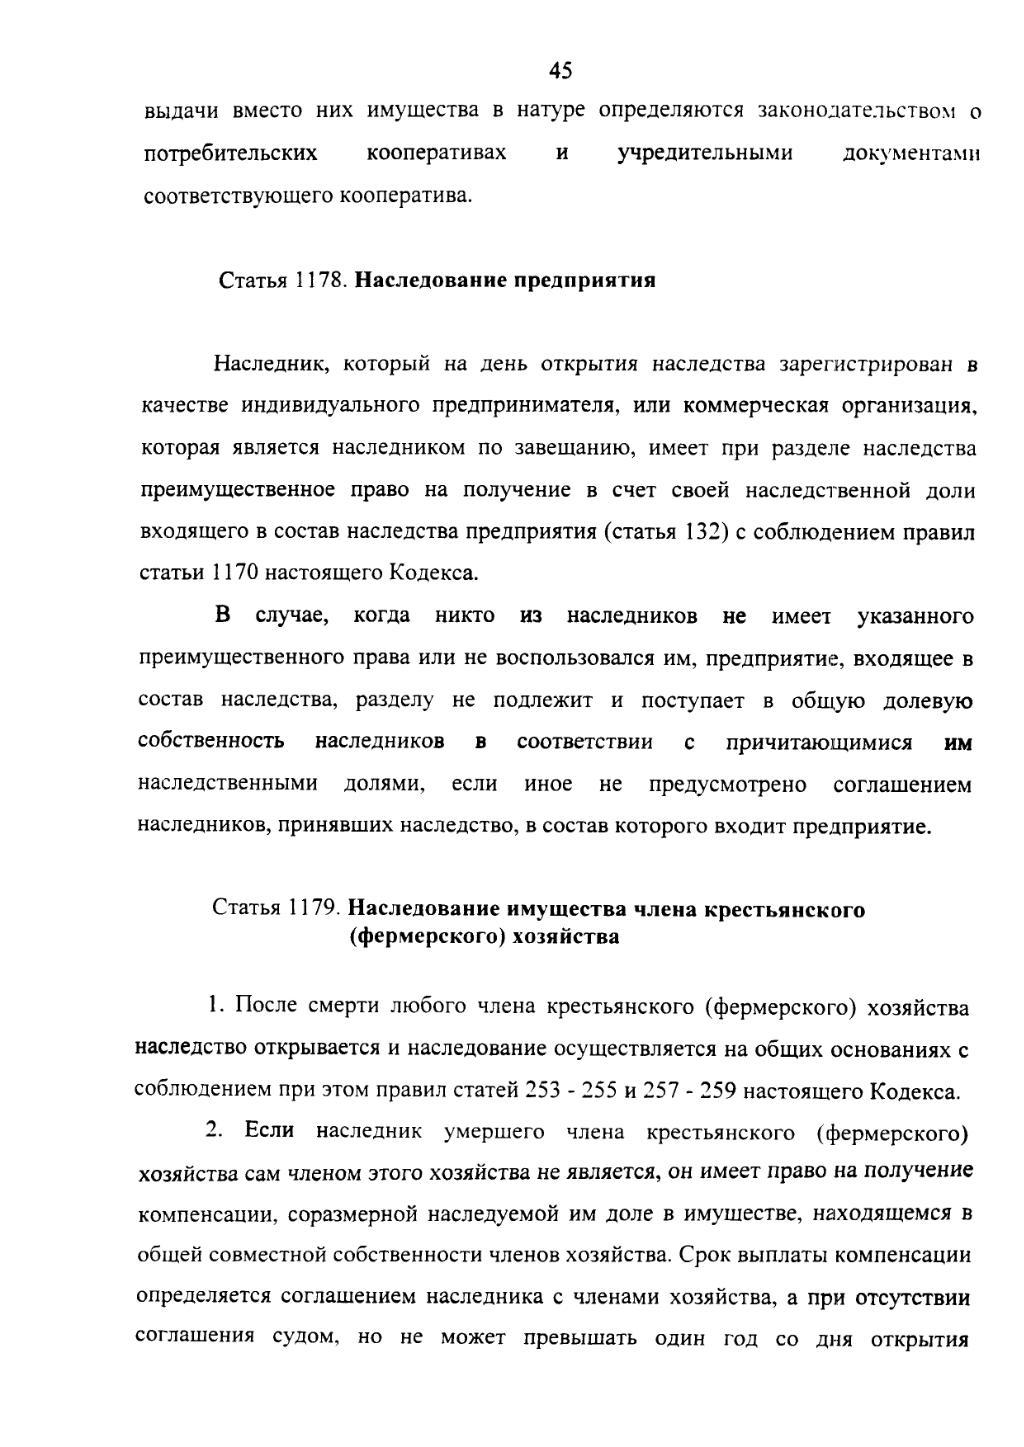 Кодекс гражданский статья 132